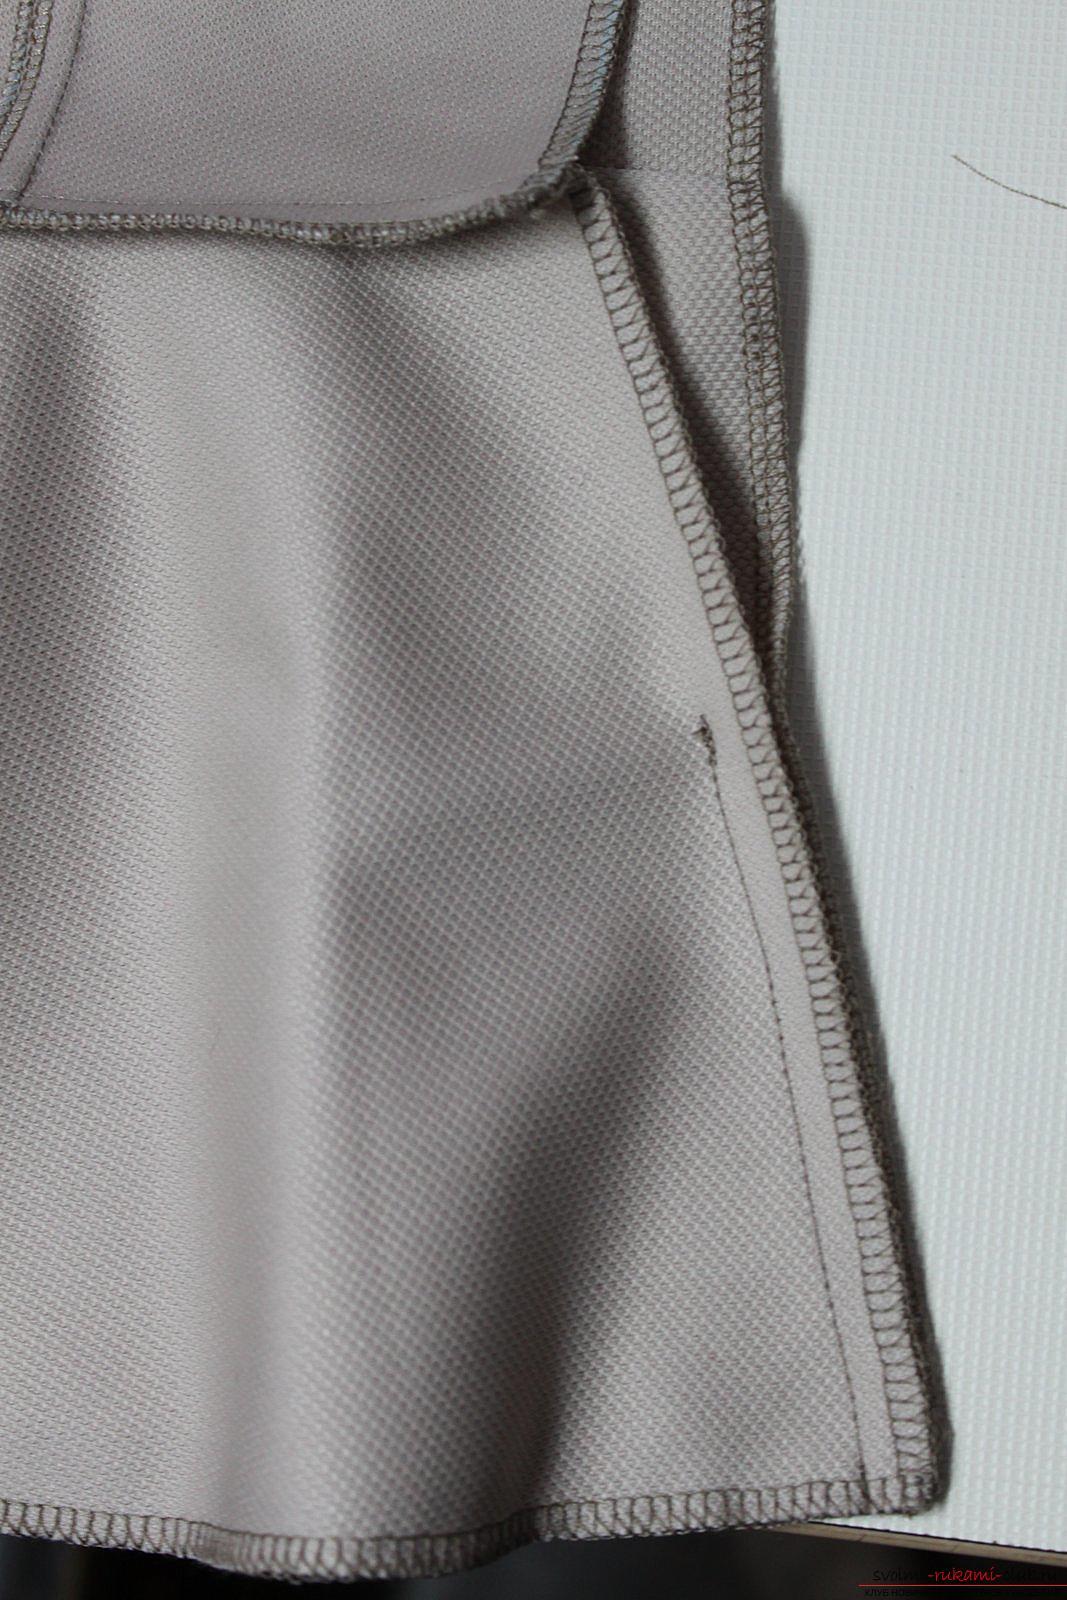 Этот подробный мастер-класс с фото и выкройкой научит шитью своими руками блузки с баской.. Фото №21